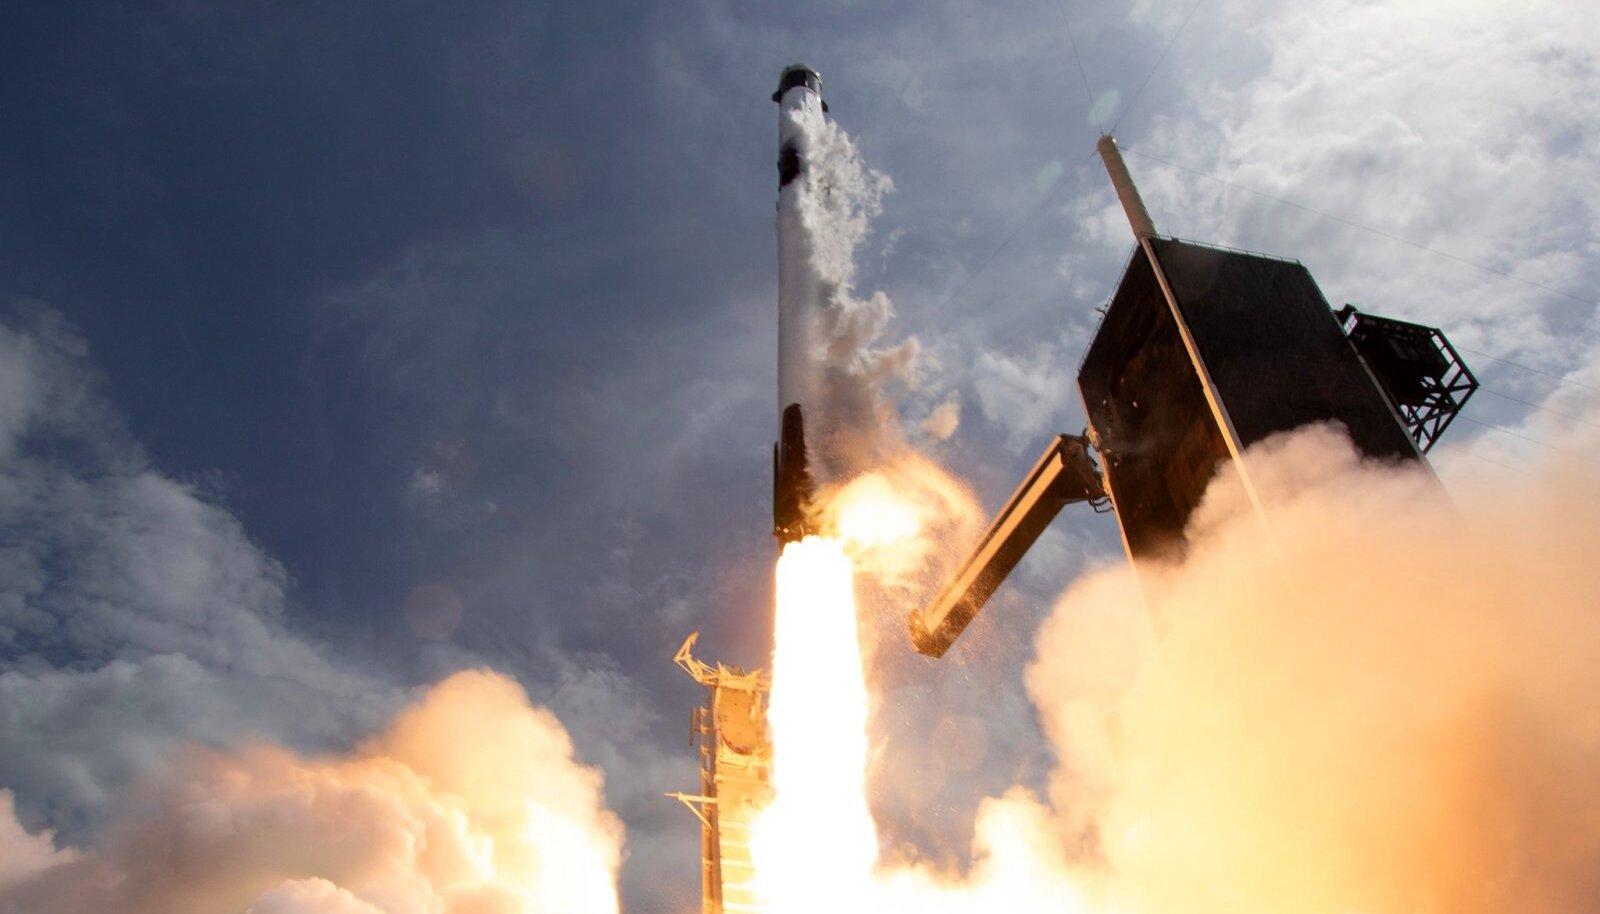 """PISTRIKU START: Raketi nimi Falcon tähendab inglise keeles """"pistrik"""" ja see on ilmselgelt poeetiline ilustus. Kanderakett on tegelikult nagu tubli tööhobune, kelle ülesandeks on toimetada Maa-lähedasele orbiidile kuni 16tonniseid koormaid."""